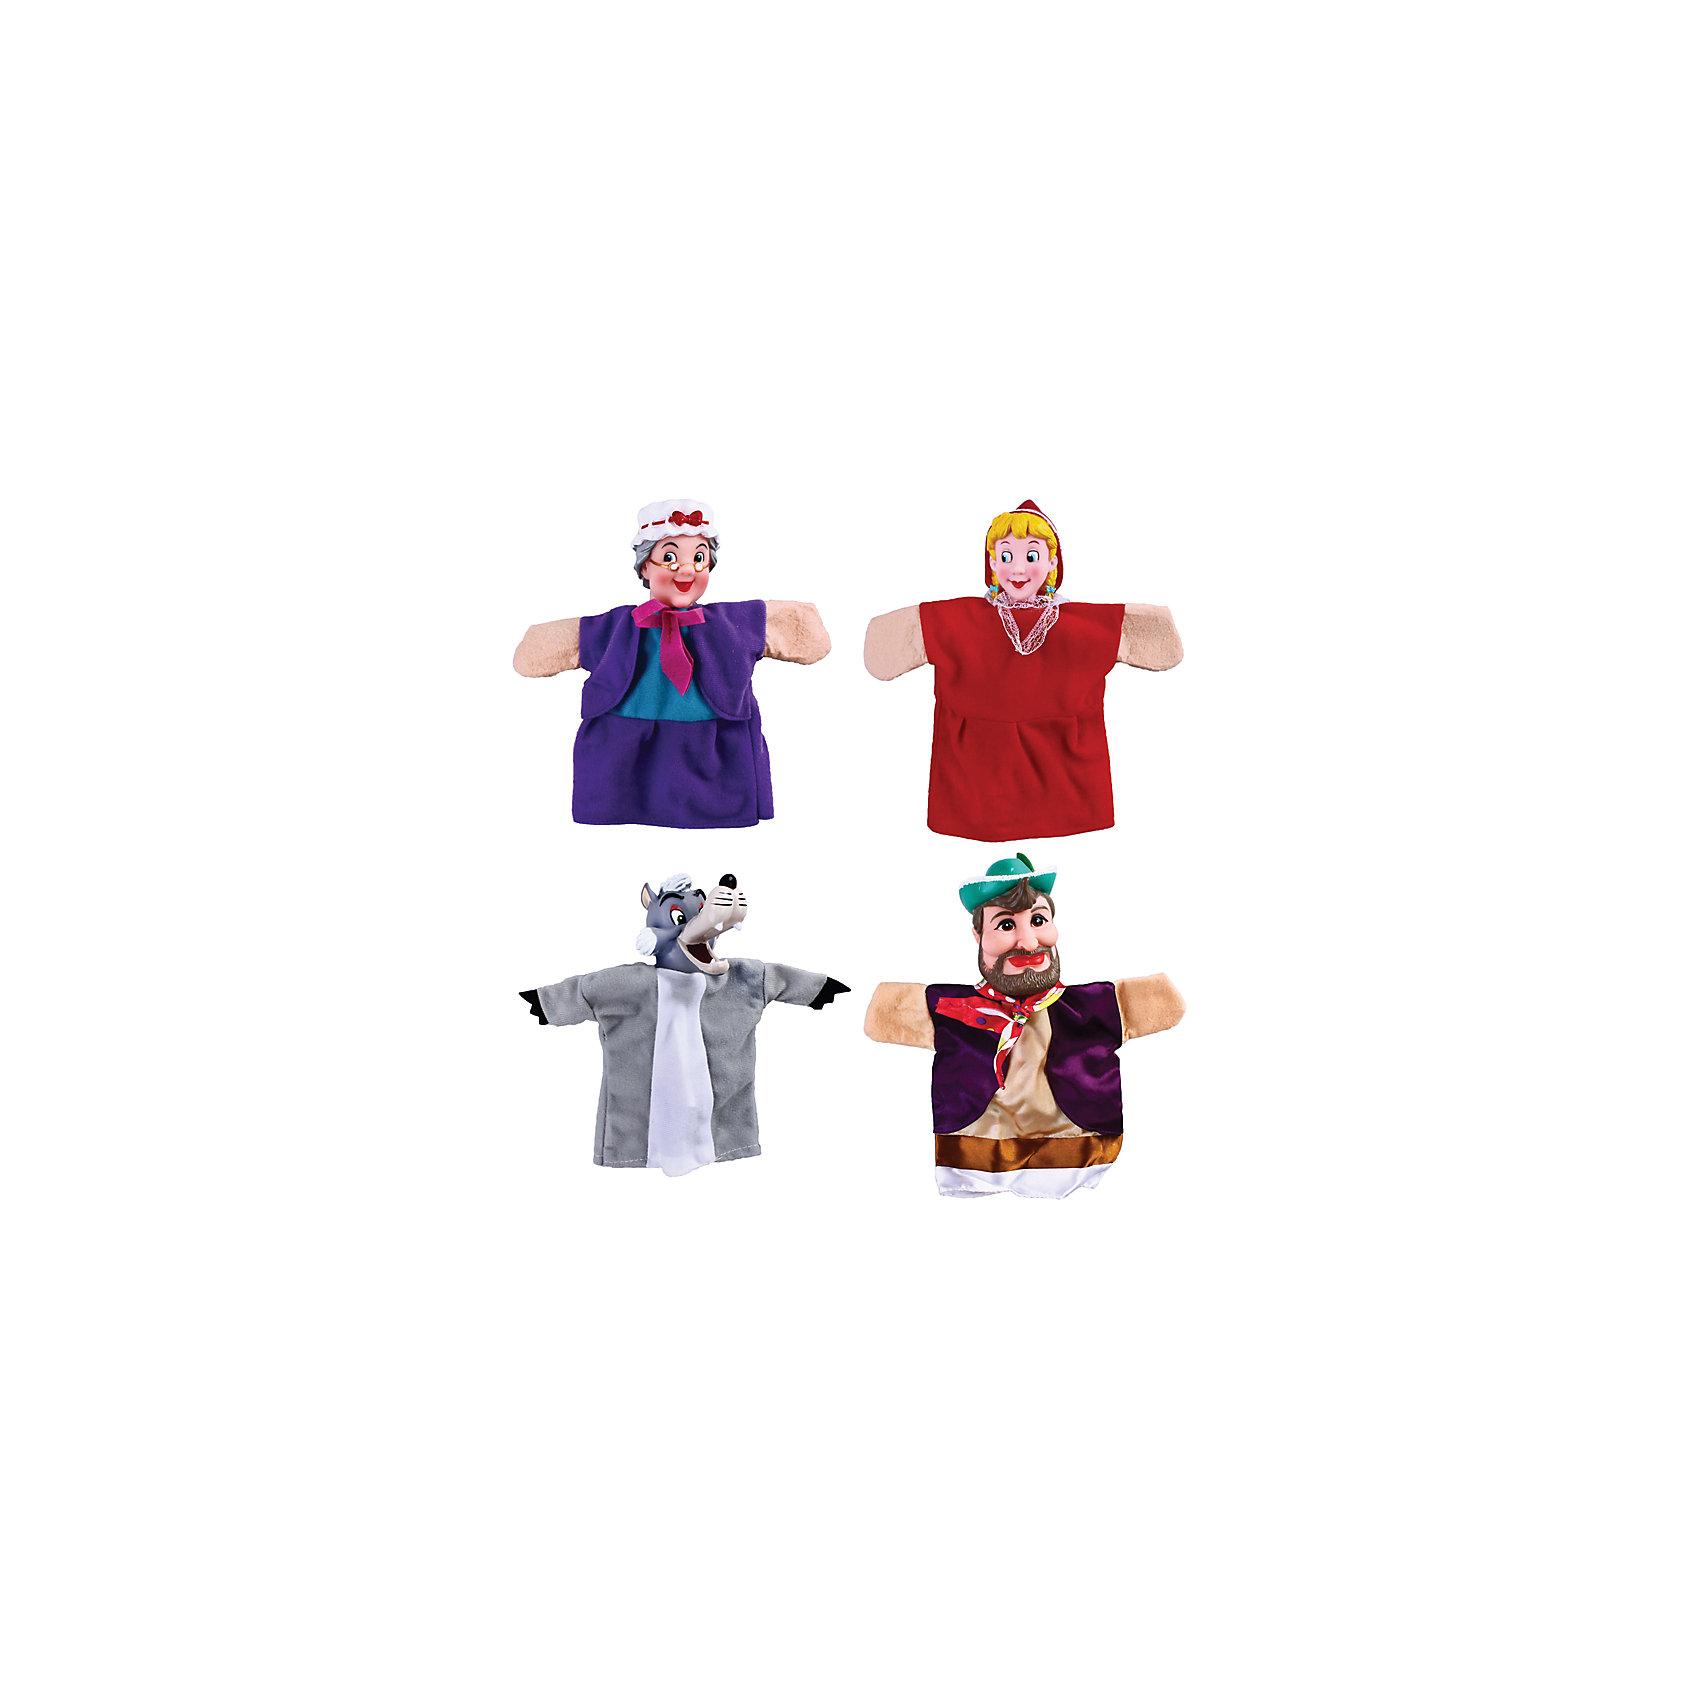 Кукольный театр Красная шапочка, 4 куклы, ЖирафикиКукольный театр – настоящее искусство! Погрузите малыша в детский мир драмы с помощью уникальных игрушек – кукол! Играйте с ребенком вместе, показывайте ему свое представление или устройте настоящий домашний спектакль перед родными. Игра такого плана развивает у малыша актерские способности, любовь к выступлениям на публике, а так же улучшает творческие способности и развивает фантазию и воображение. Материалы, использованные при изготовлении товара, абсолютно безопасны и отвечают всем международным требованиям по качеству.<br><br>Дополнительные характеристики:<br><br>материал: пластик, ПВХ;<br>цвет: разноцветный;<br>количество: 4 куклы.<br><br>Кукольный театр Красная шапочка от компании Жирафики можно приобрести в нашем магазине.<br><br>Ширина мм: 587<br>Глубина мм: 473<br>Высота мм: 419<br>Вес г: 442<br>Возраст от месяцев: 36<br>Возраст до месяцев: 96<br>Пол: Унисекс<br>Возраст: Детский<br>SKU: 5032544